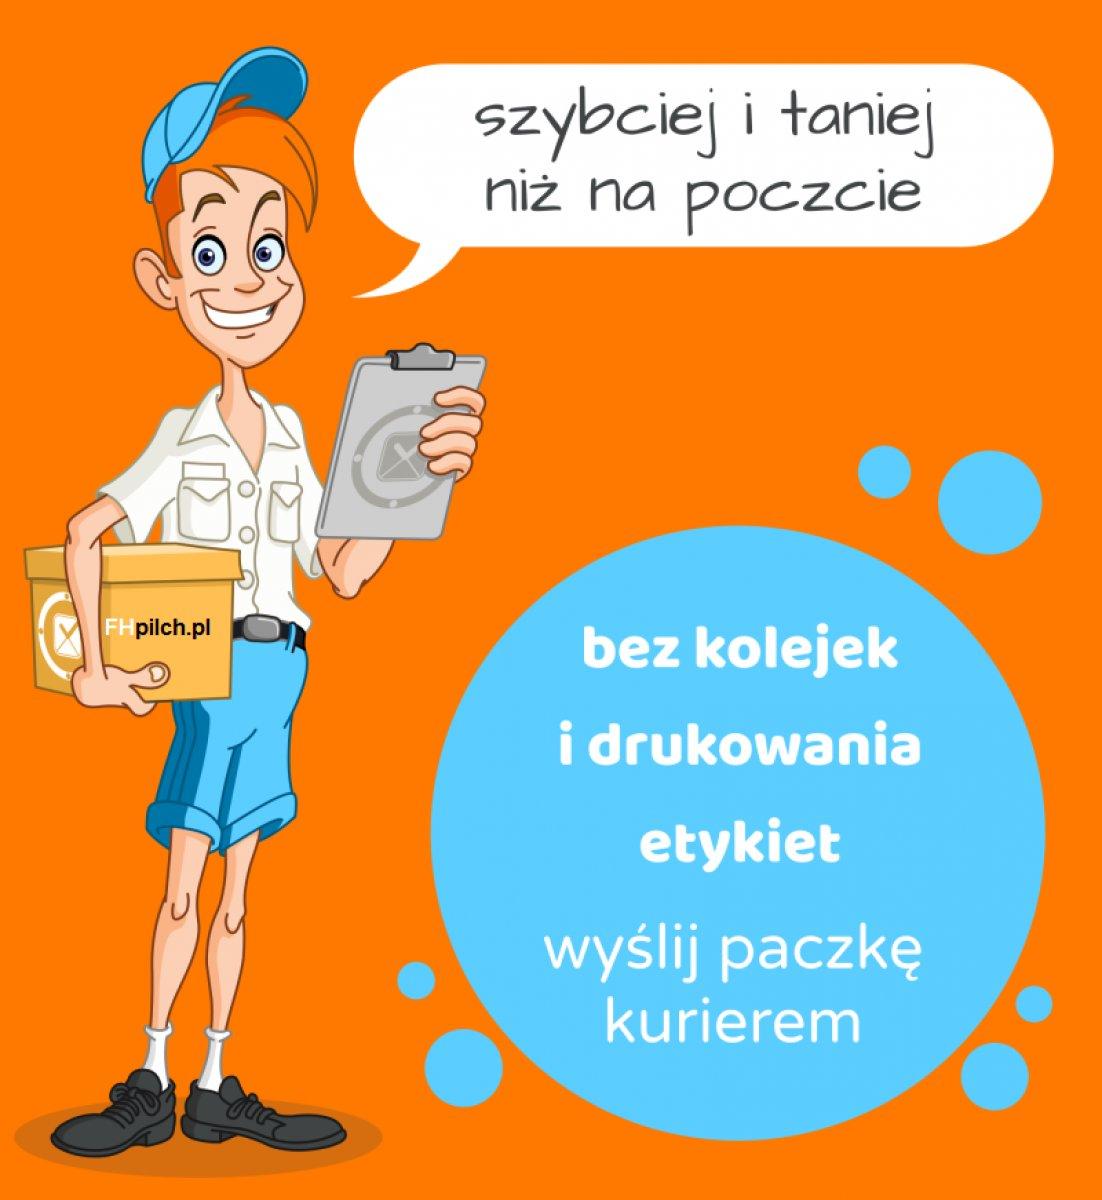 fhpilch.pl Usługa - wysyłka Kurier krajowy i zagraniczny